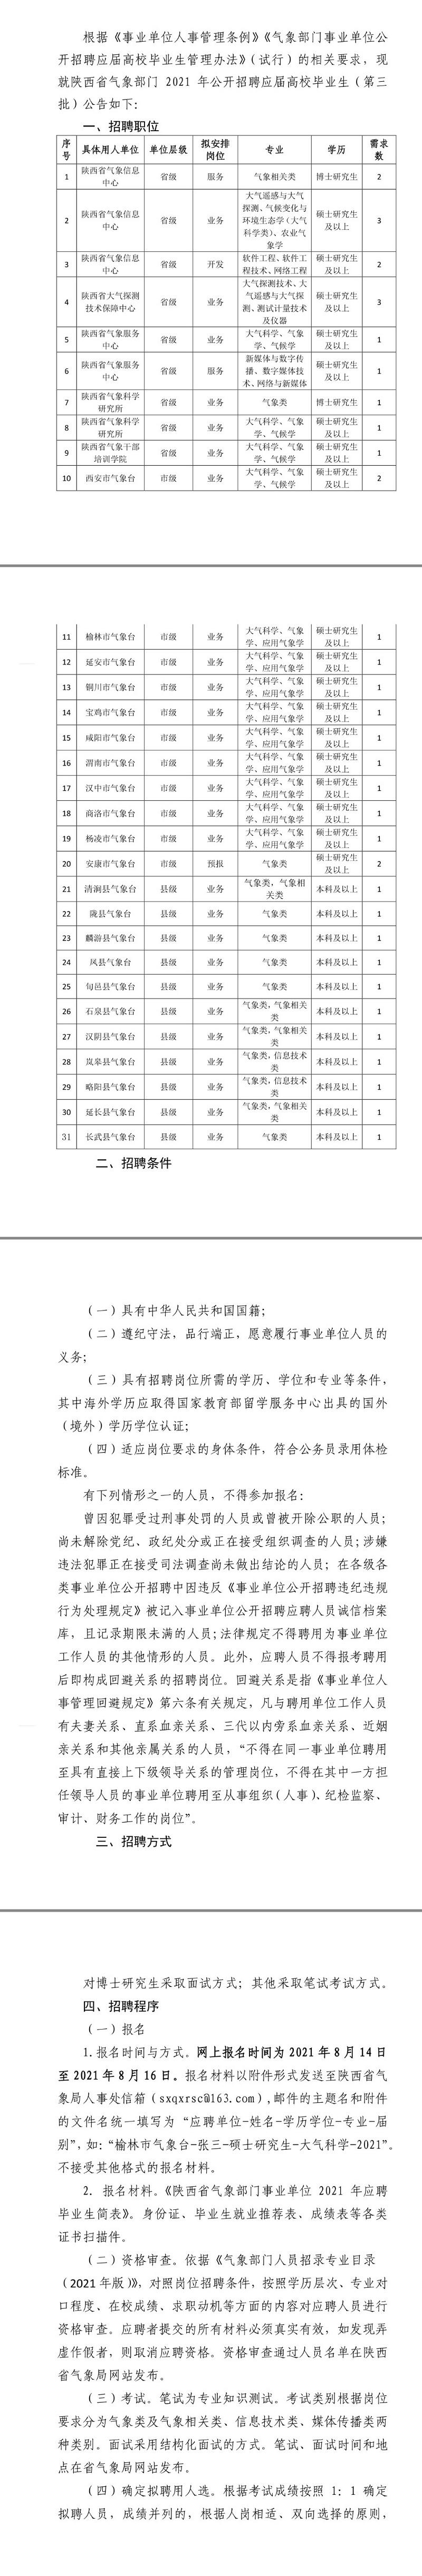 2021陜西省氣象部門招聘應屆高校畢業生39人公告(第三批)